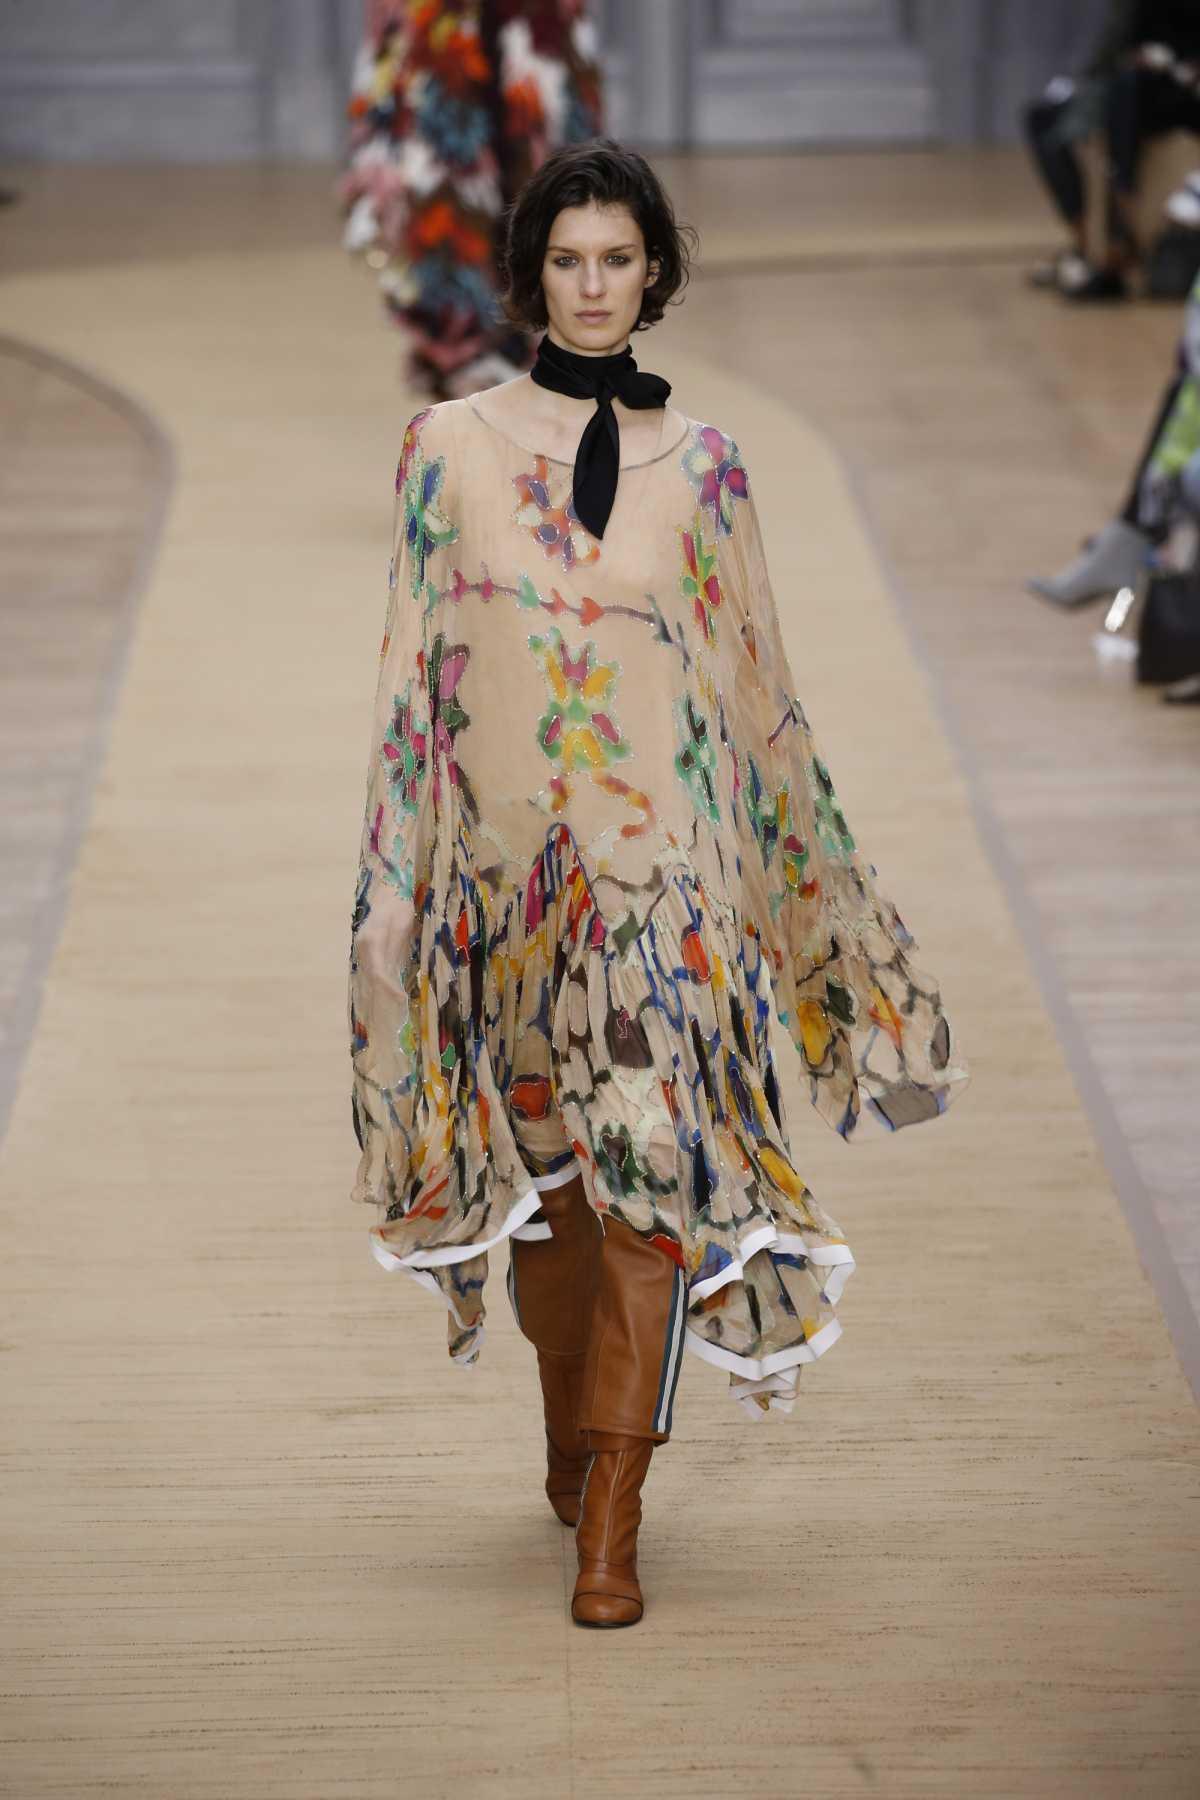 produção boho com vestido floral e botas